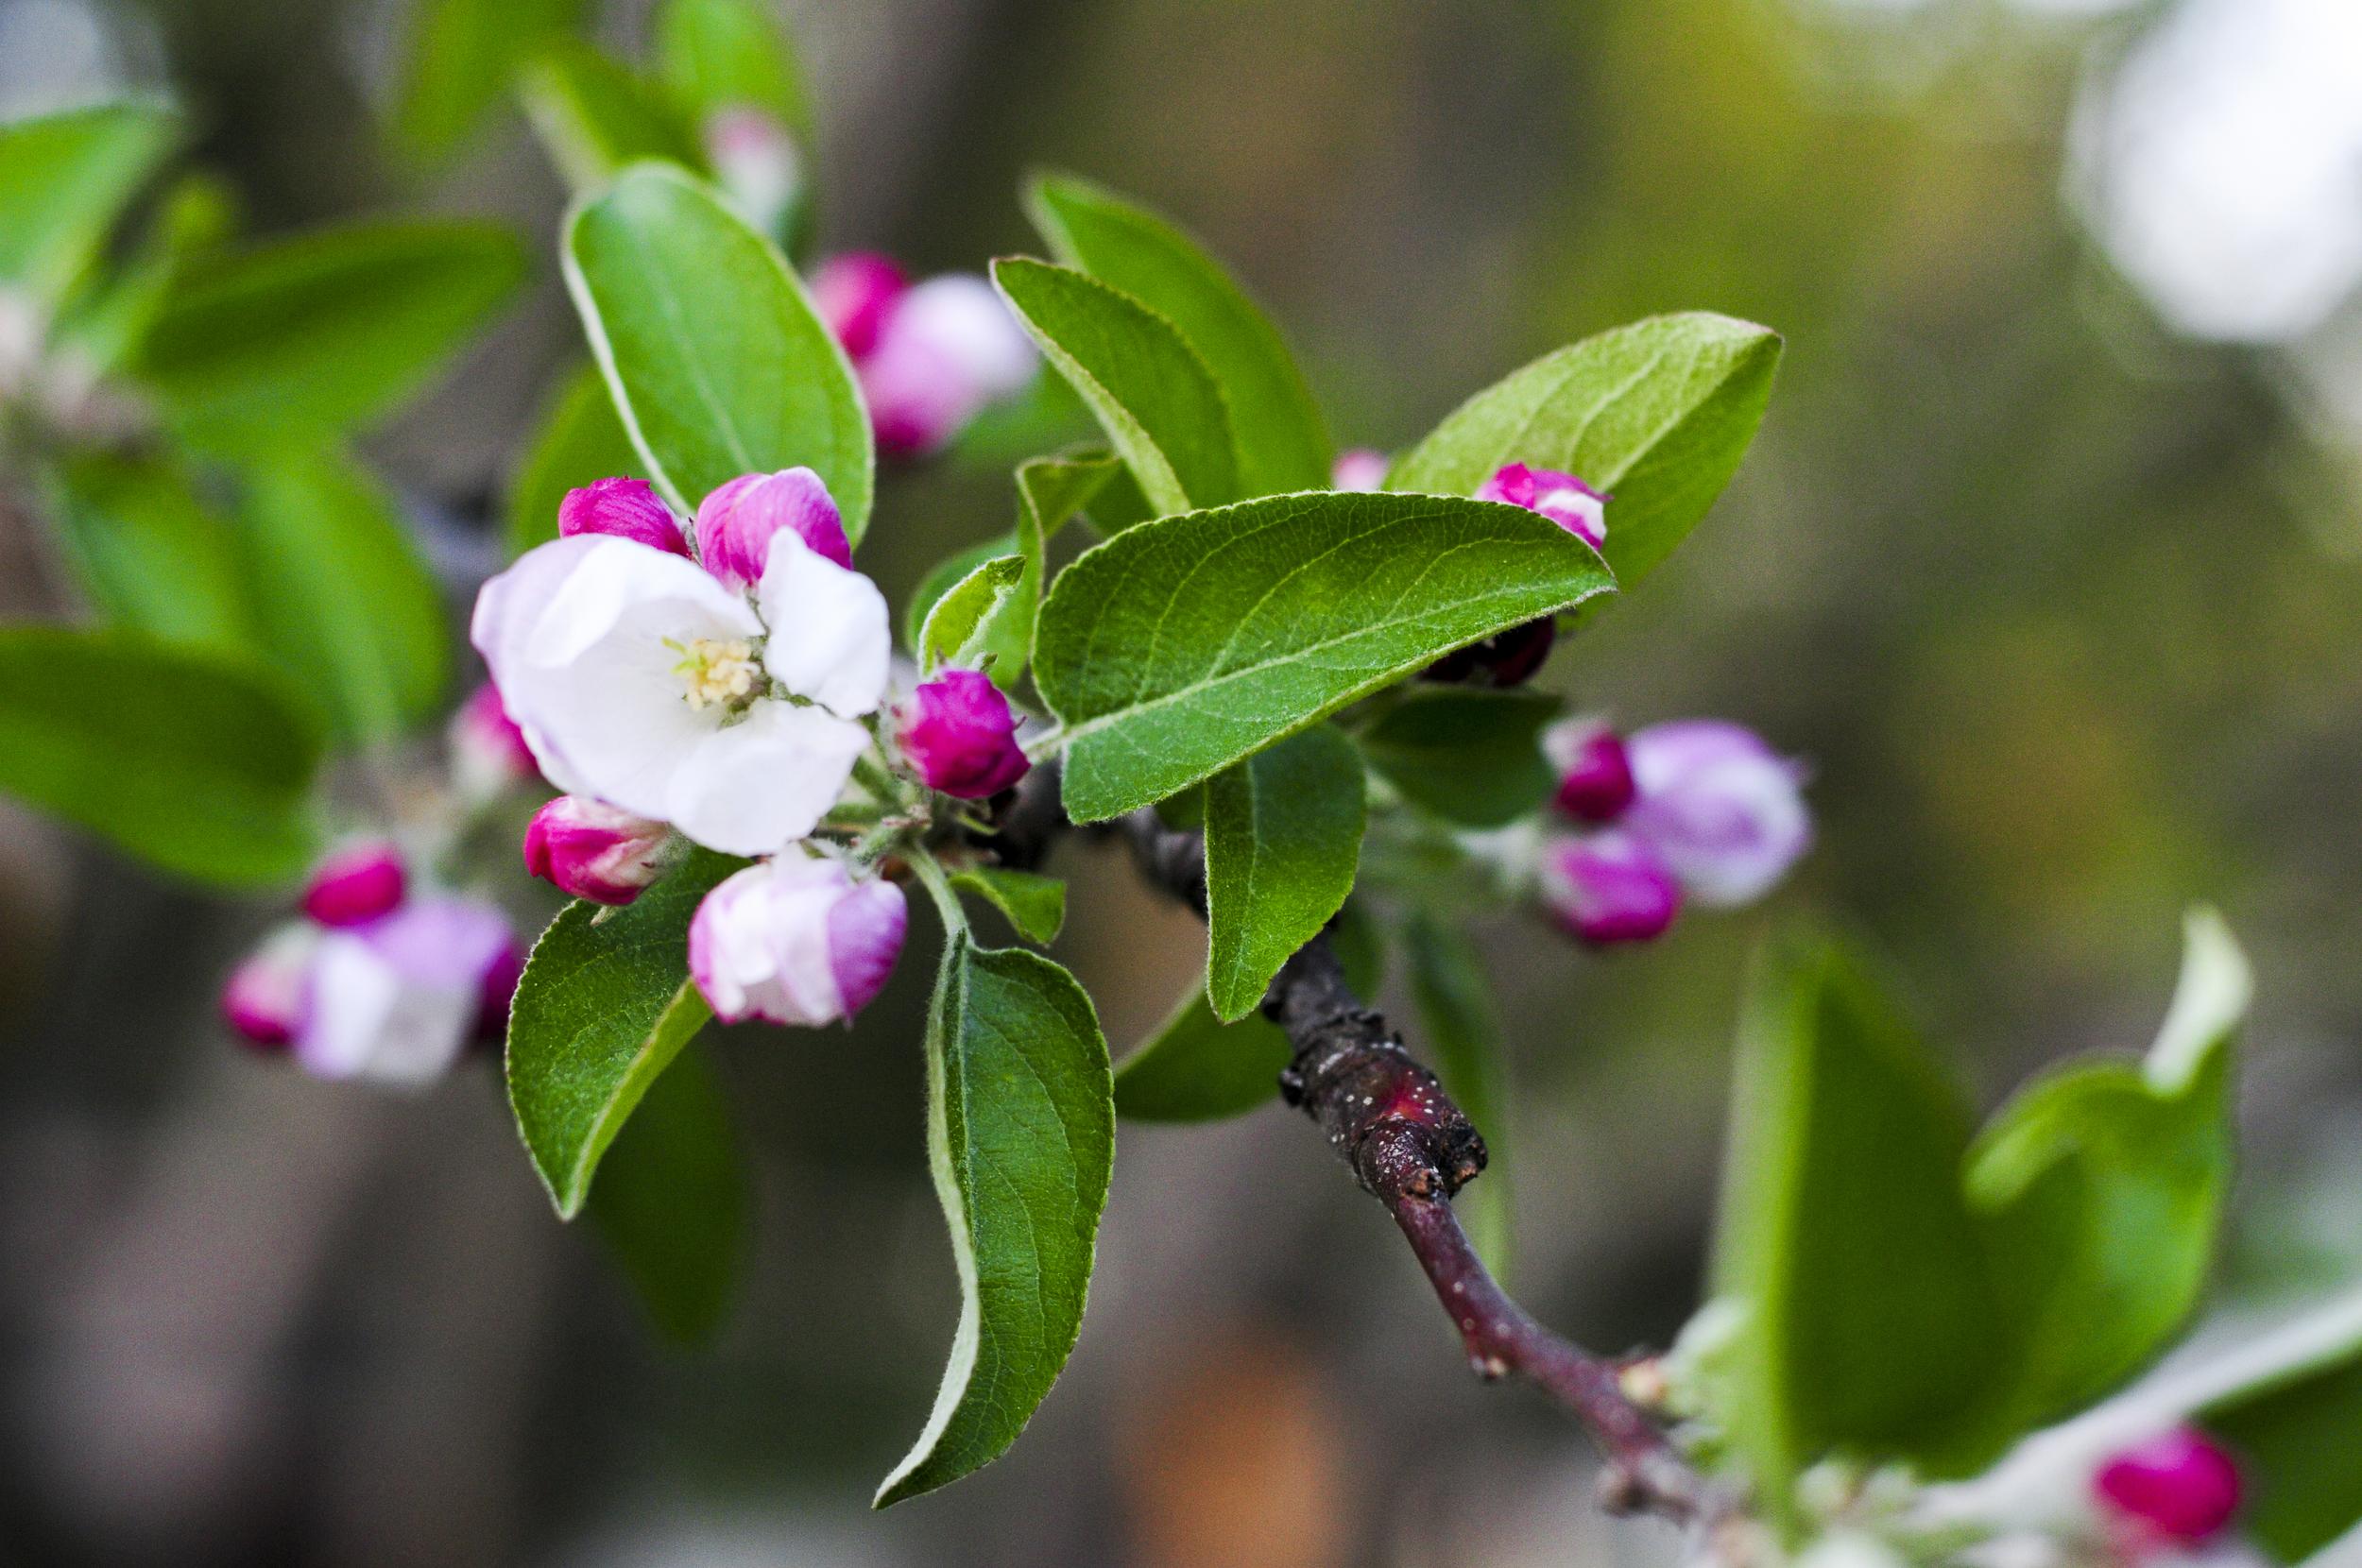 a.big.flower.apple.tree.summer.outside.garden.DSC_7282.jpg